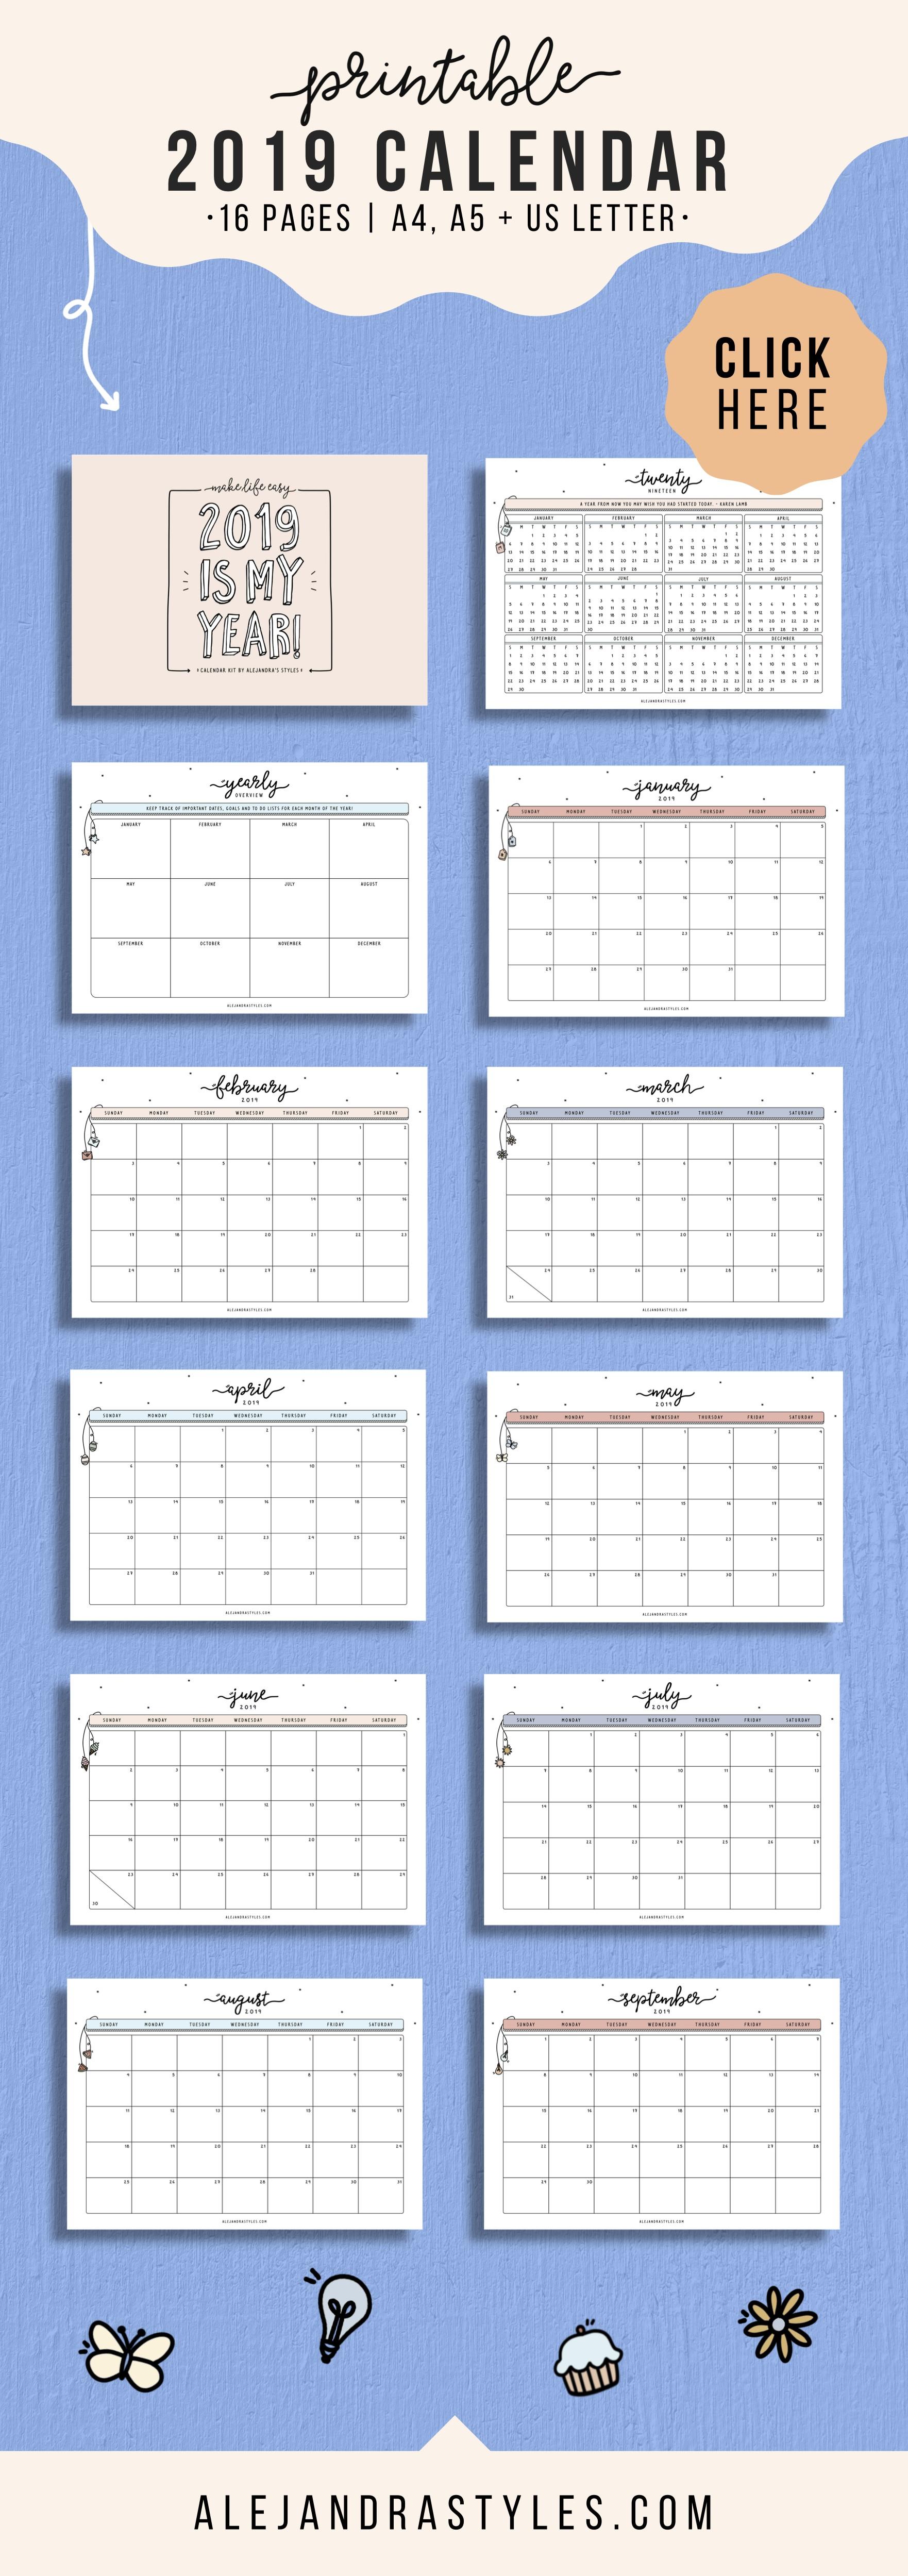 Calendar 2019 to Download Mejores Y Más Novedosos 2019 Calendar Printable Planner for Desk or Wall Of Calendar 2019 to Download Actual Calendar Template Google Sheets 2019